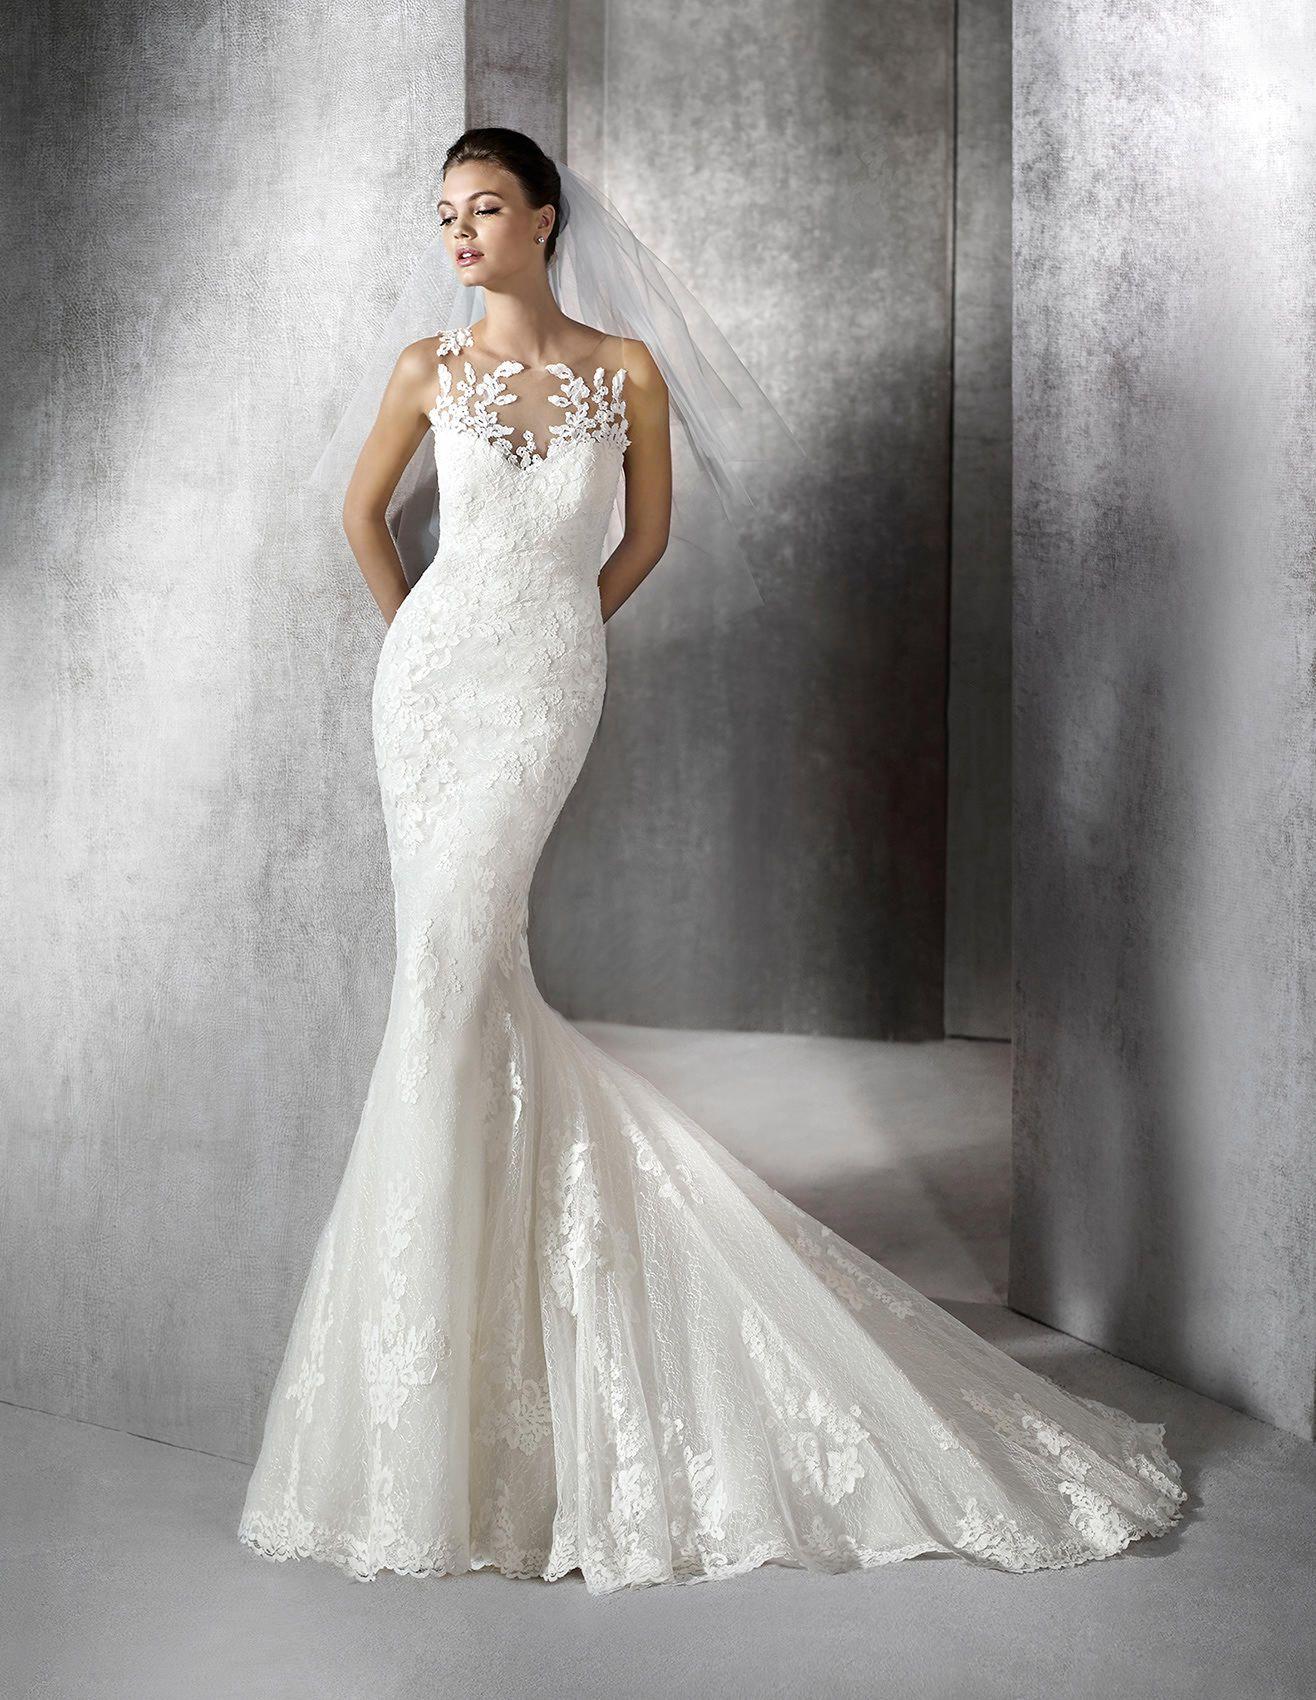 ZULAICA - Brautkleid im Meerjungfrau-Stil mit herzförmigem Dekolleté ...